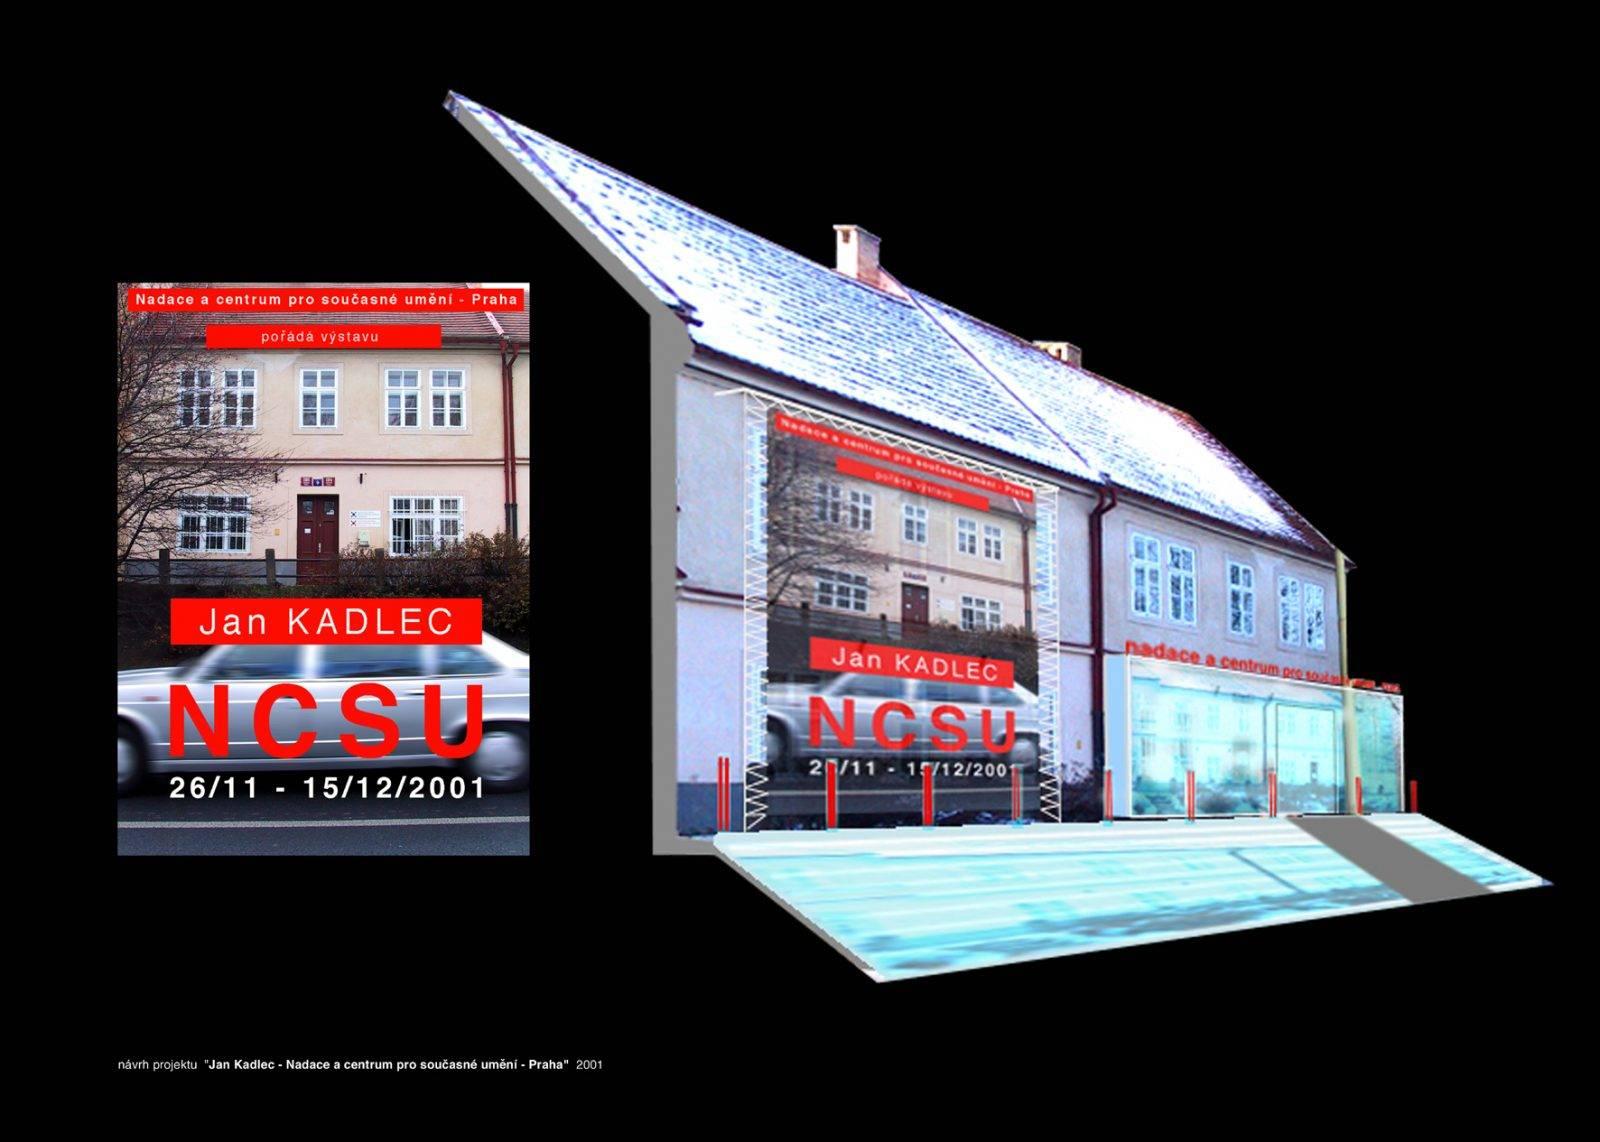 NCSU by Jan Kadlec